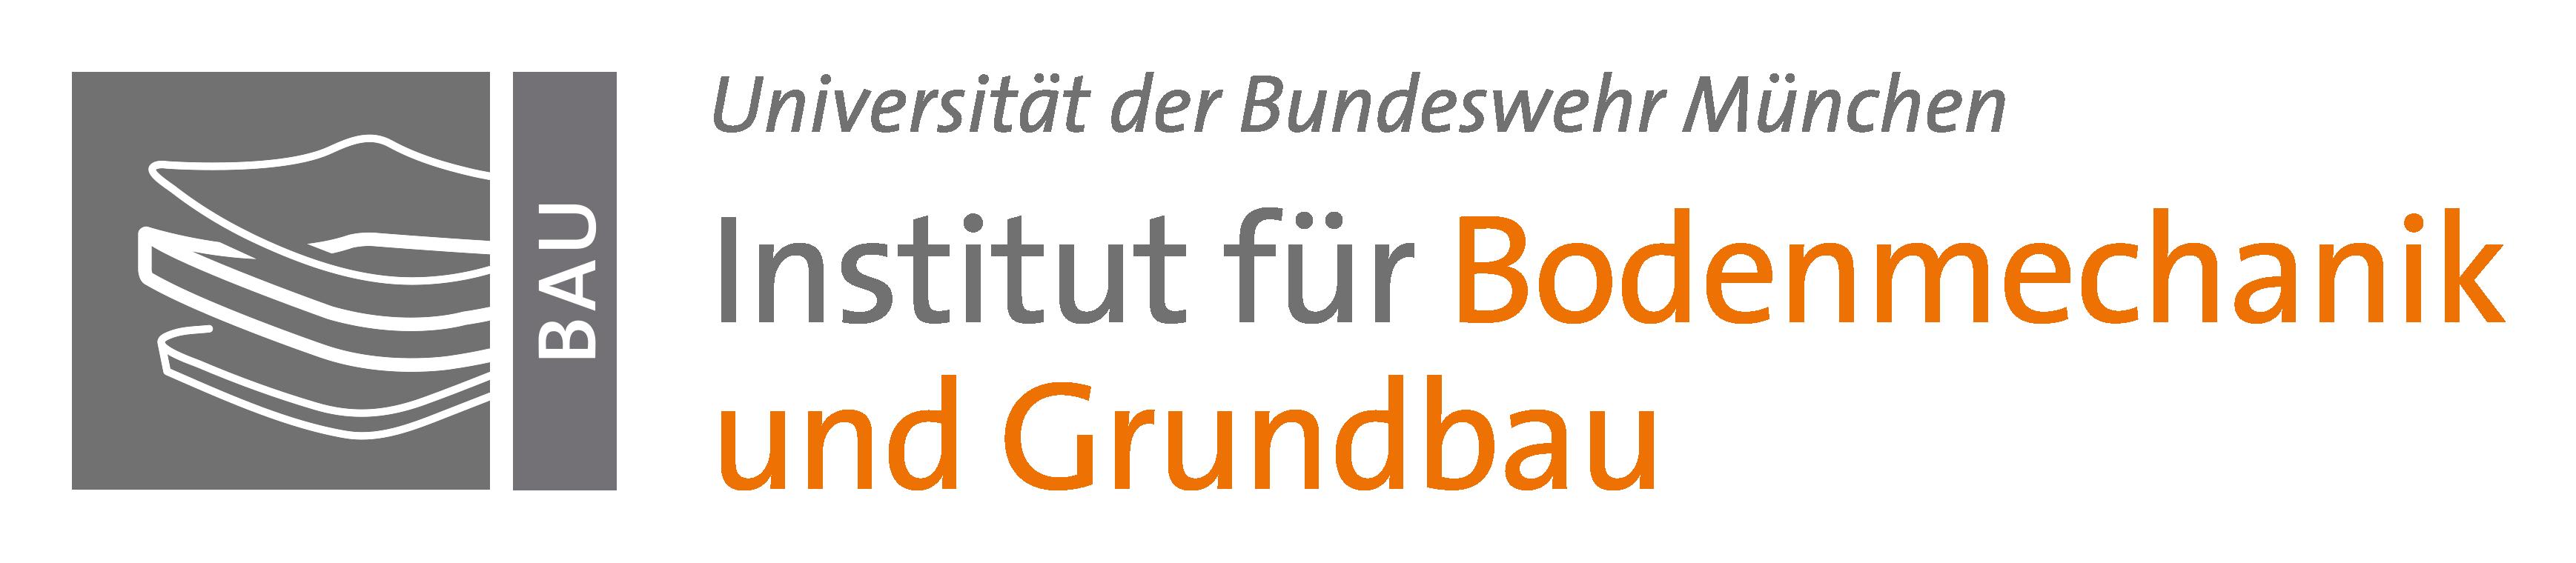 Universität der Bundeswehr München – Institut für Bodenmechanik